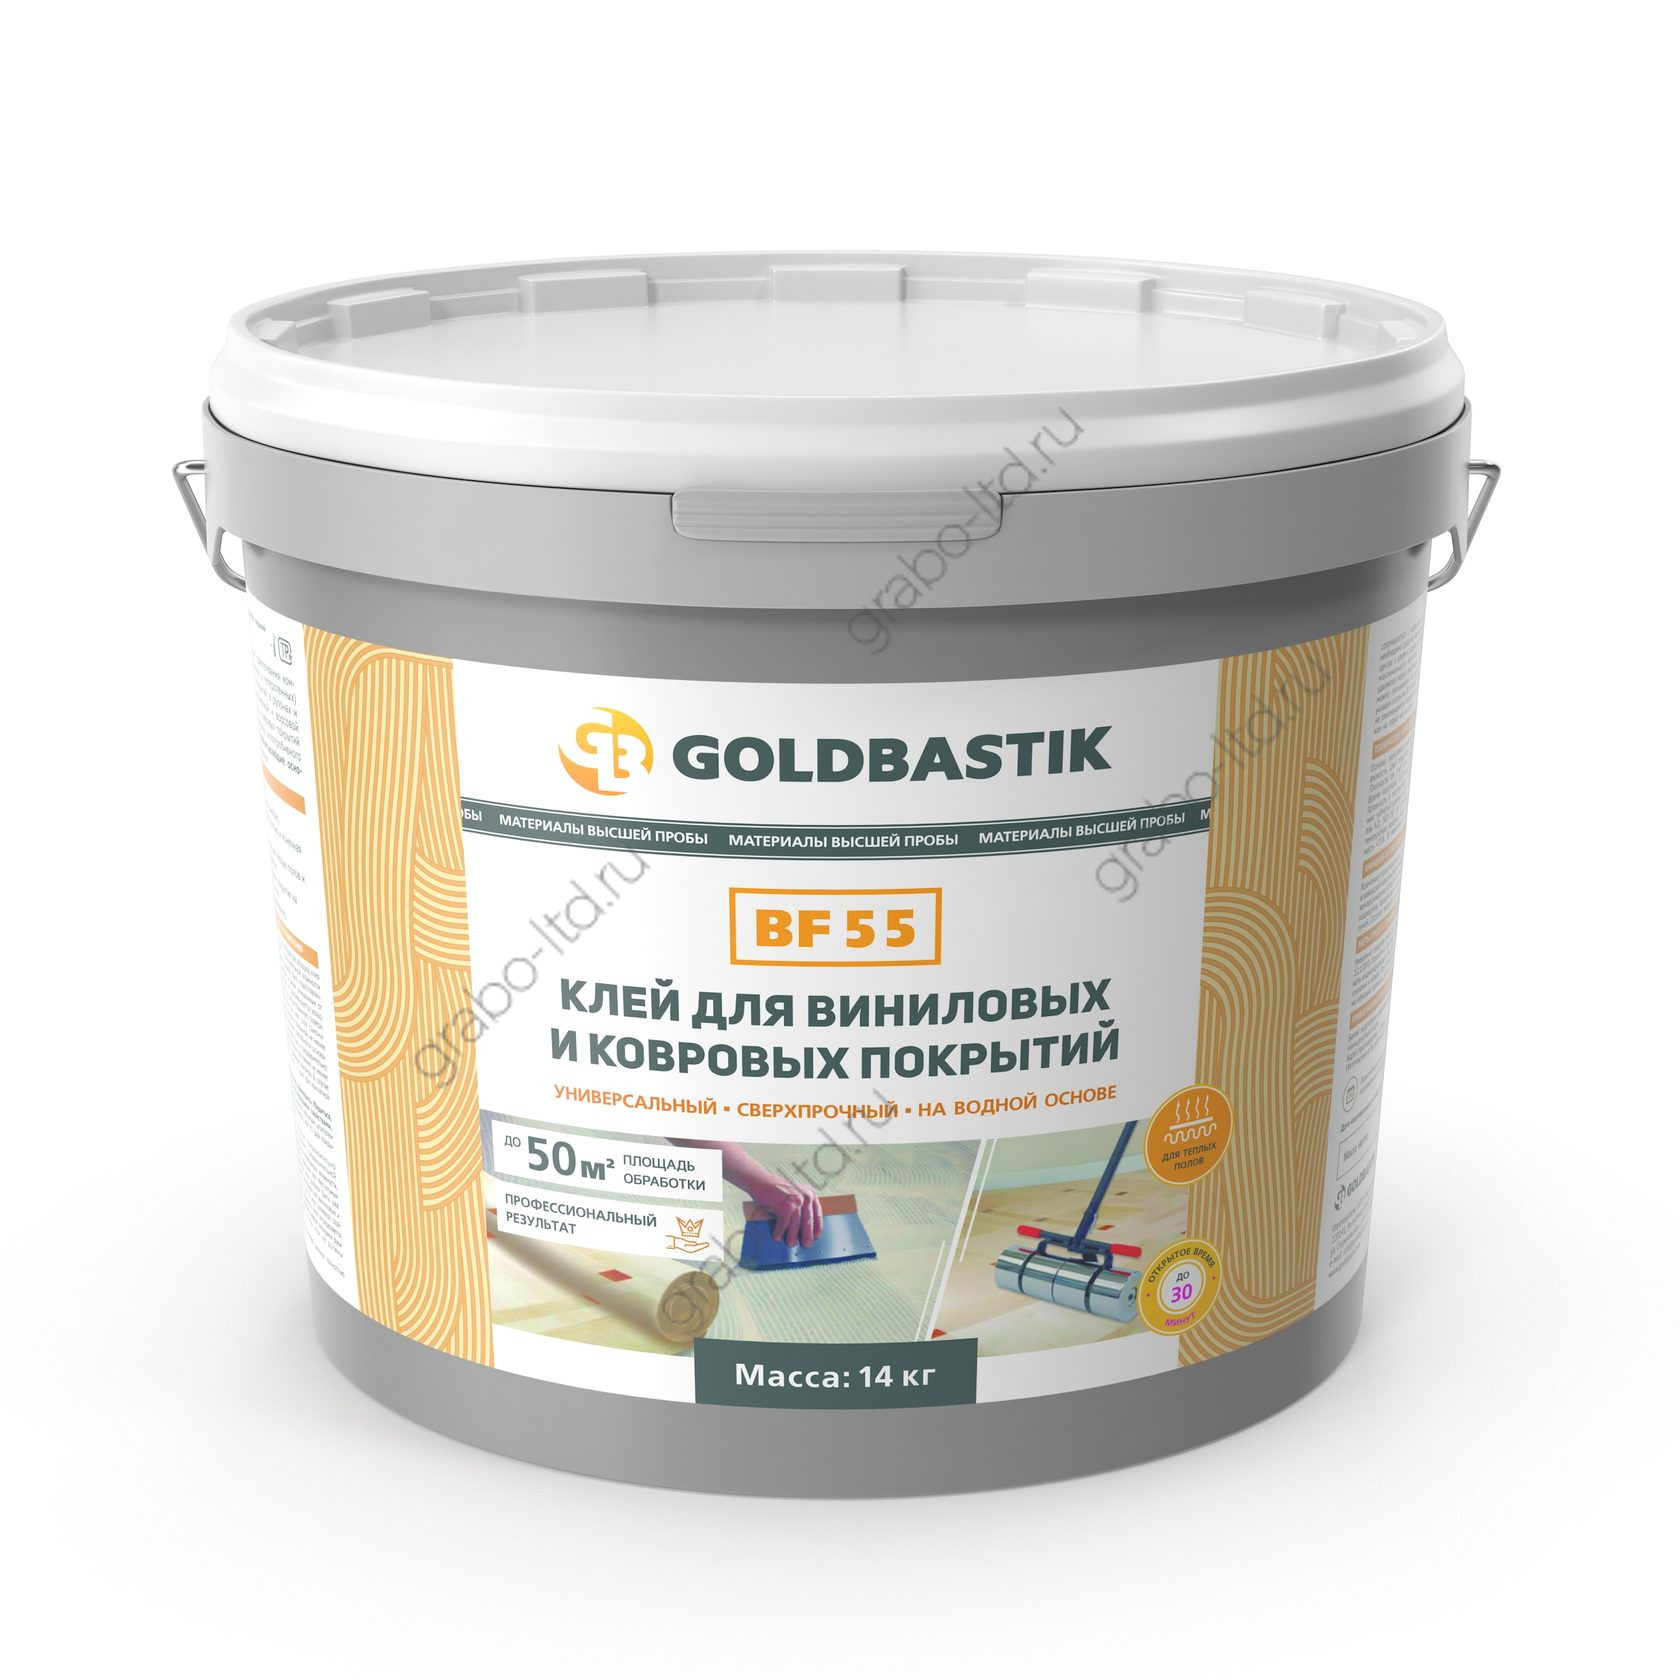 Клей для виниловых покрытий GOLDBASTIK BF 55